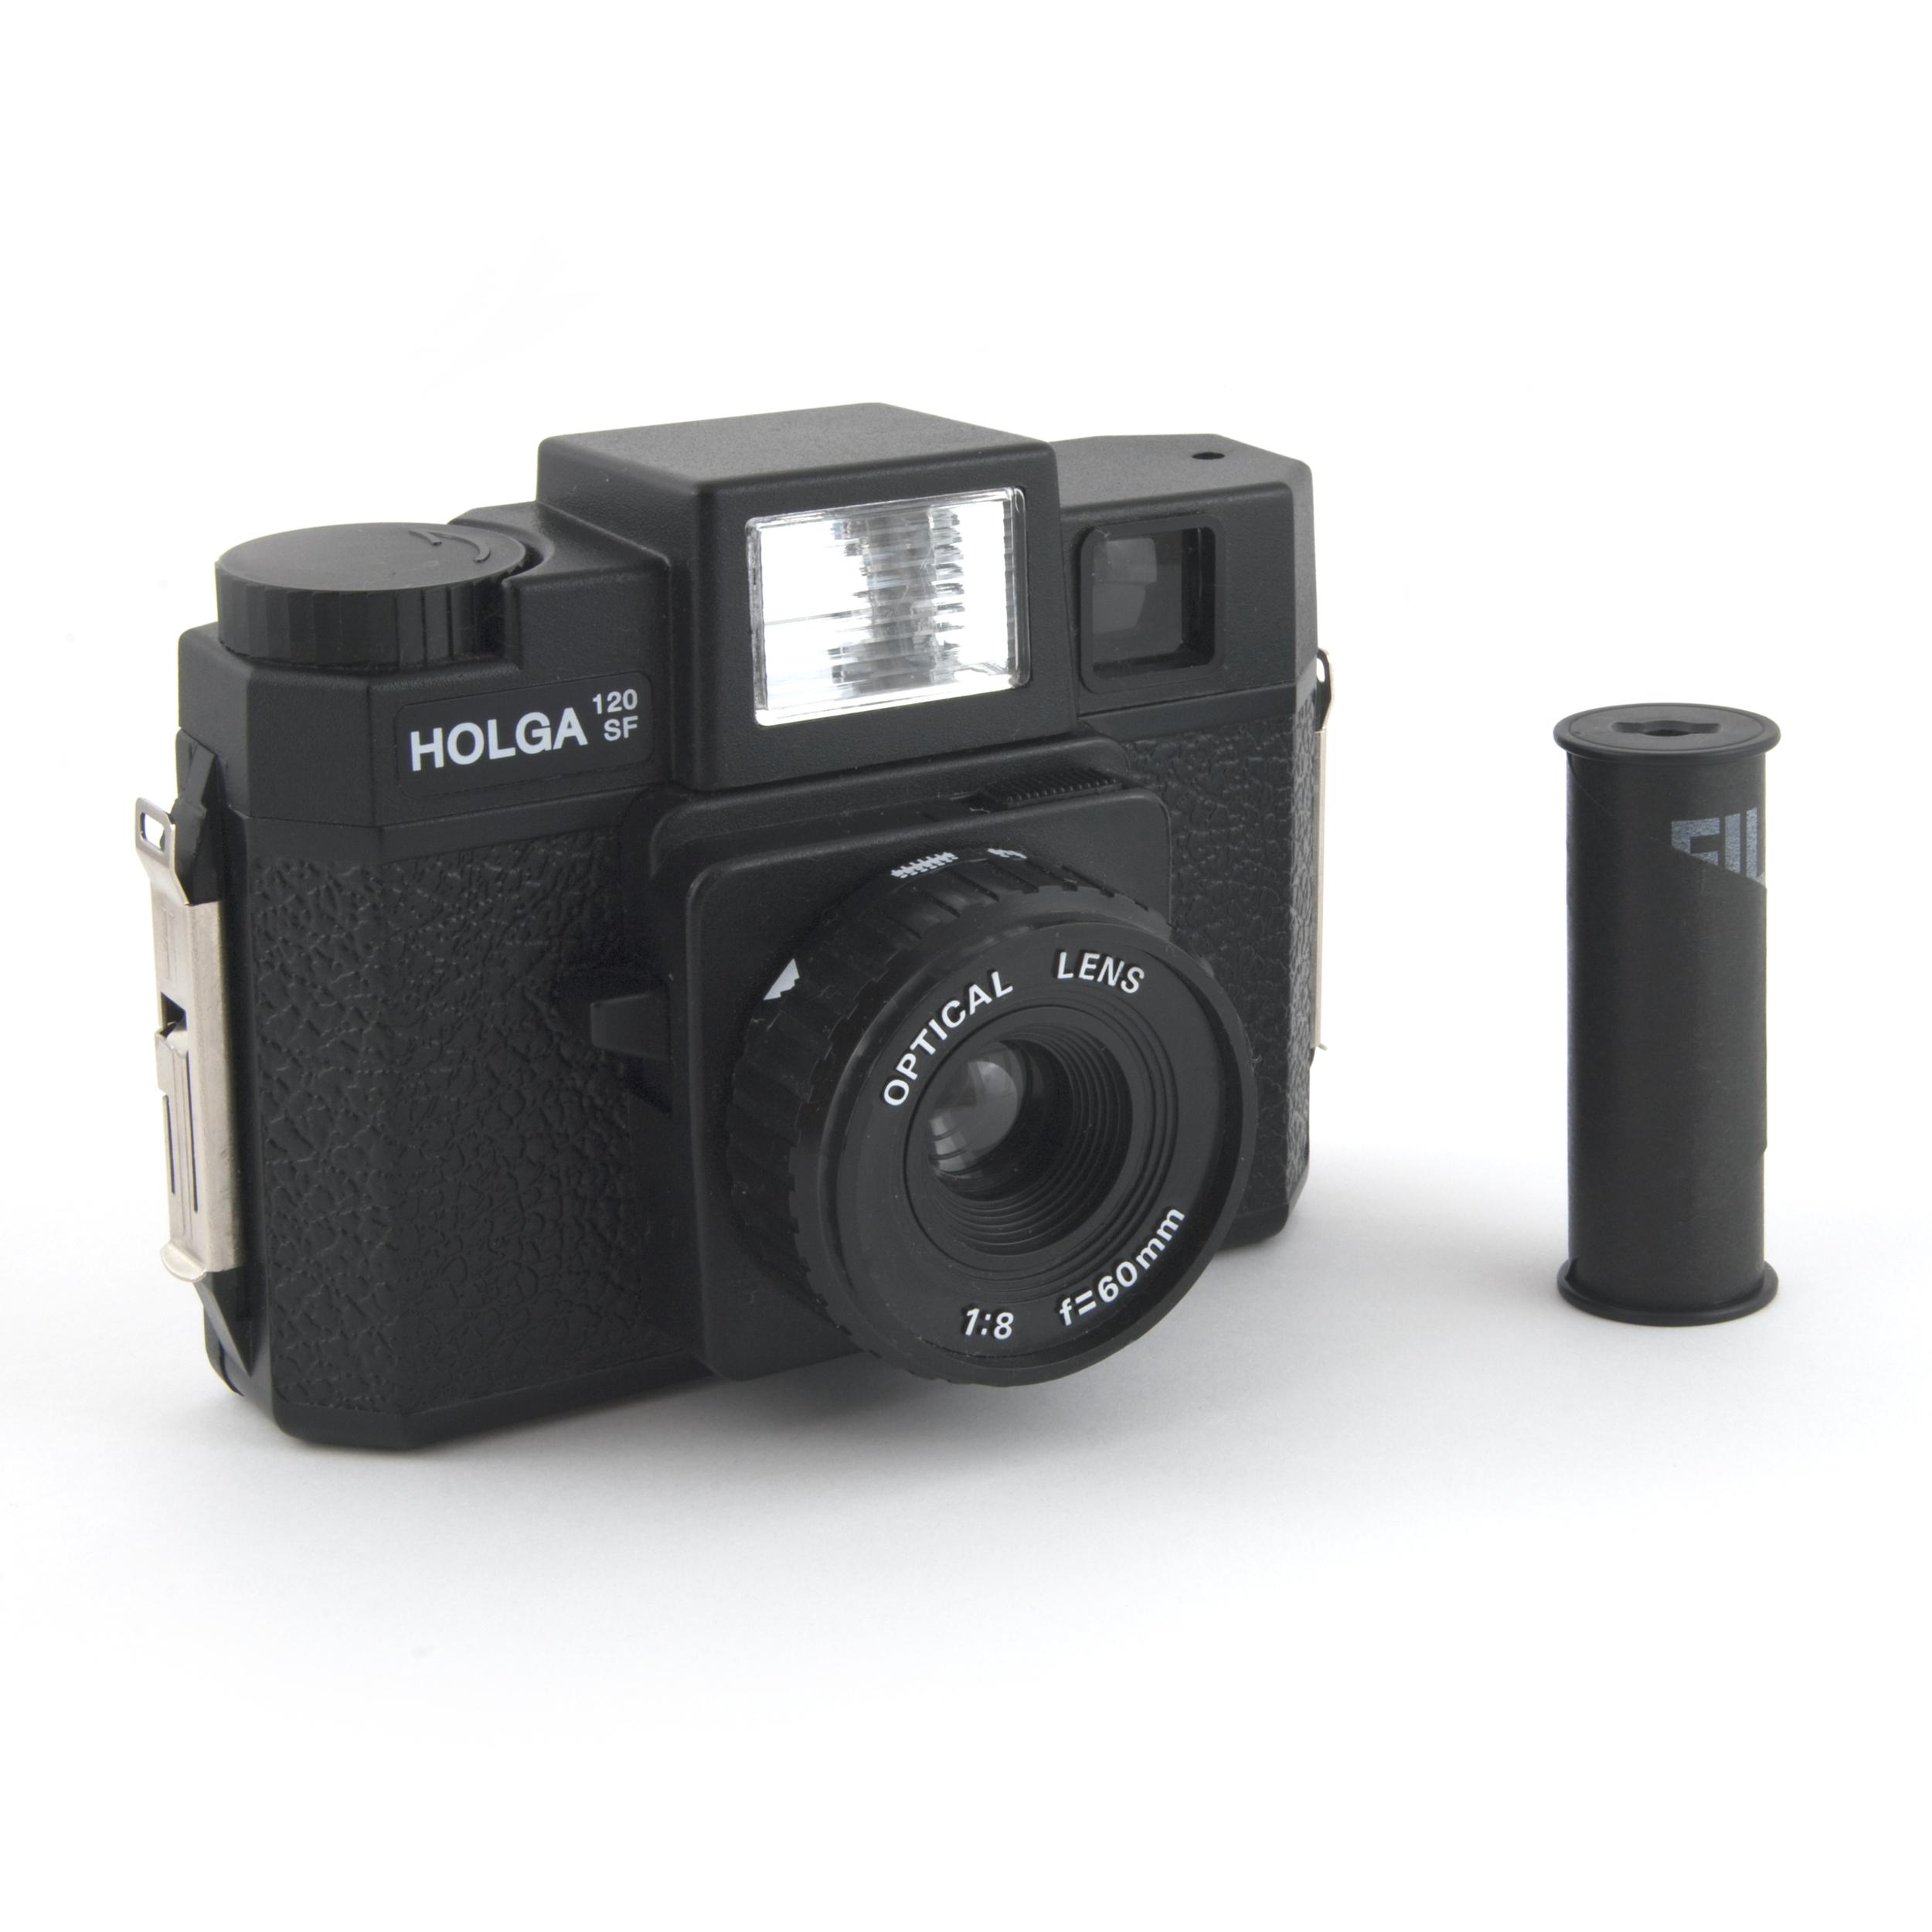 Holga 120SF with film by Bilby via  Wikimedia Commons